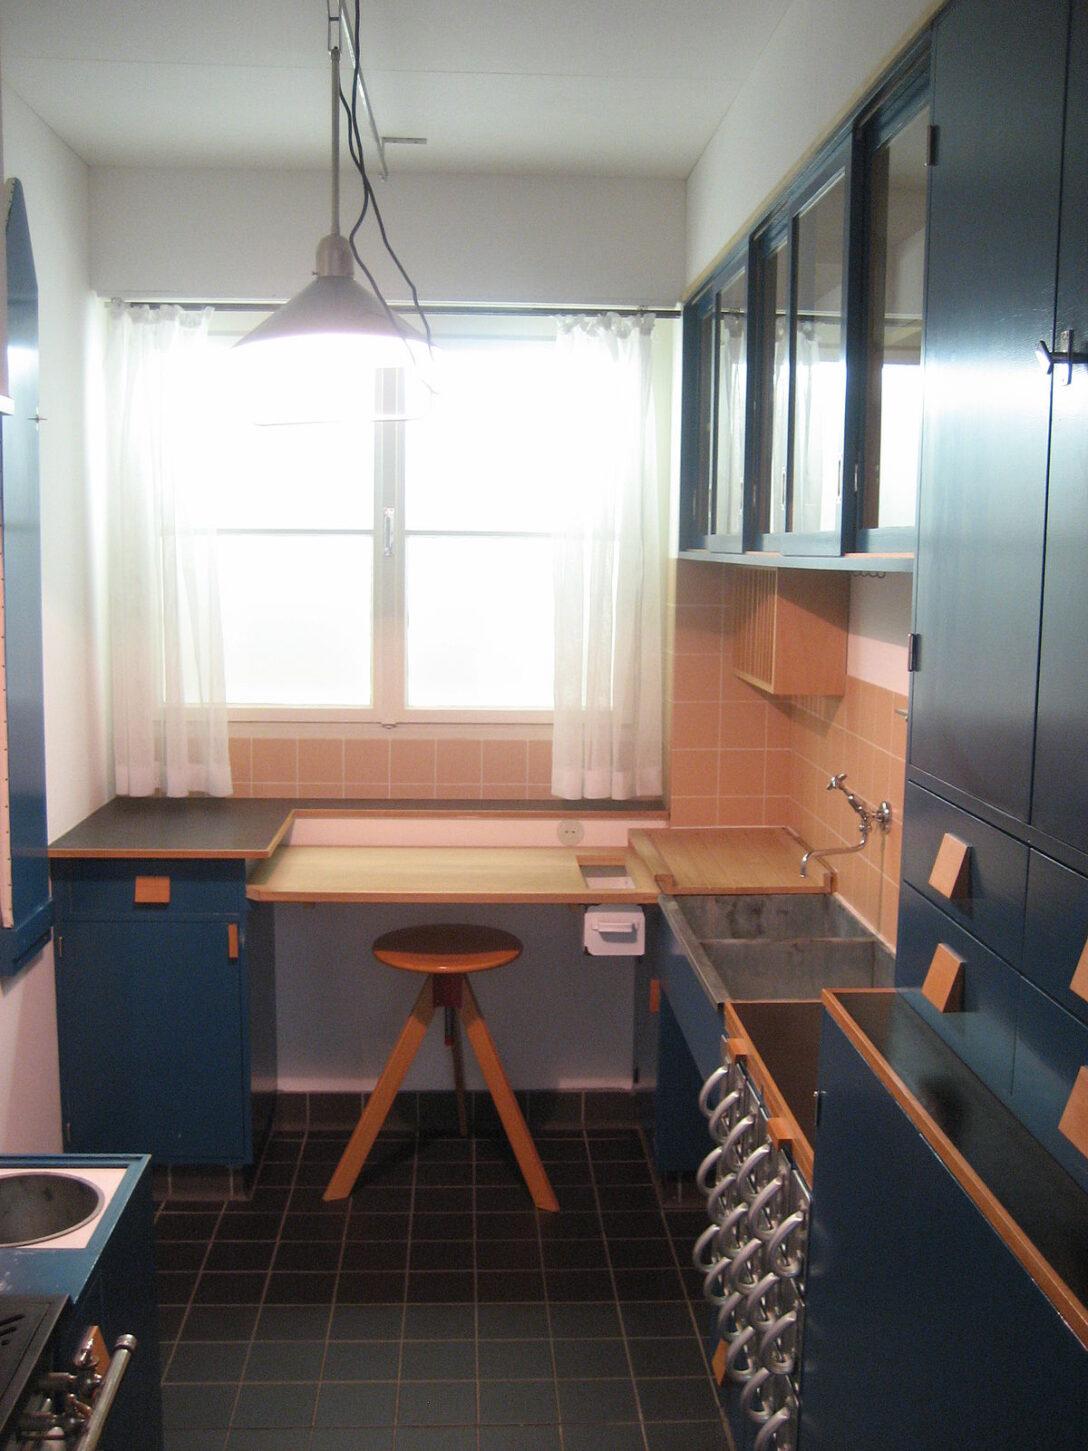 Large Size of Einbaukche Wikipedia Amerikanische Betten Outdoor Küche Kaufen Amerikanisches Bett Küchen Regal Wohnzimmer Amerikanische Outdoor Küchen